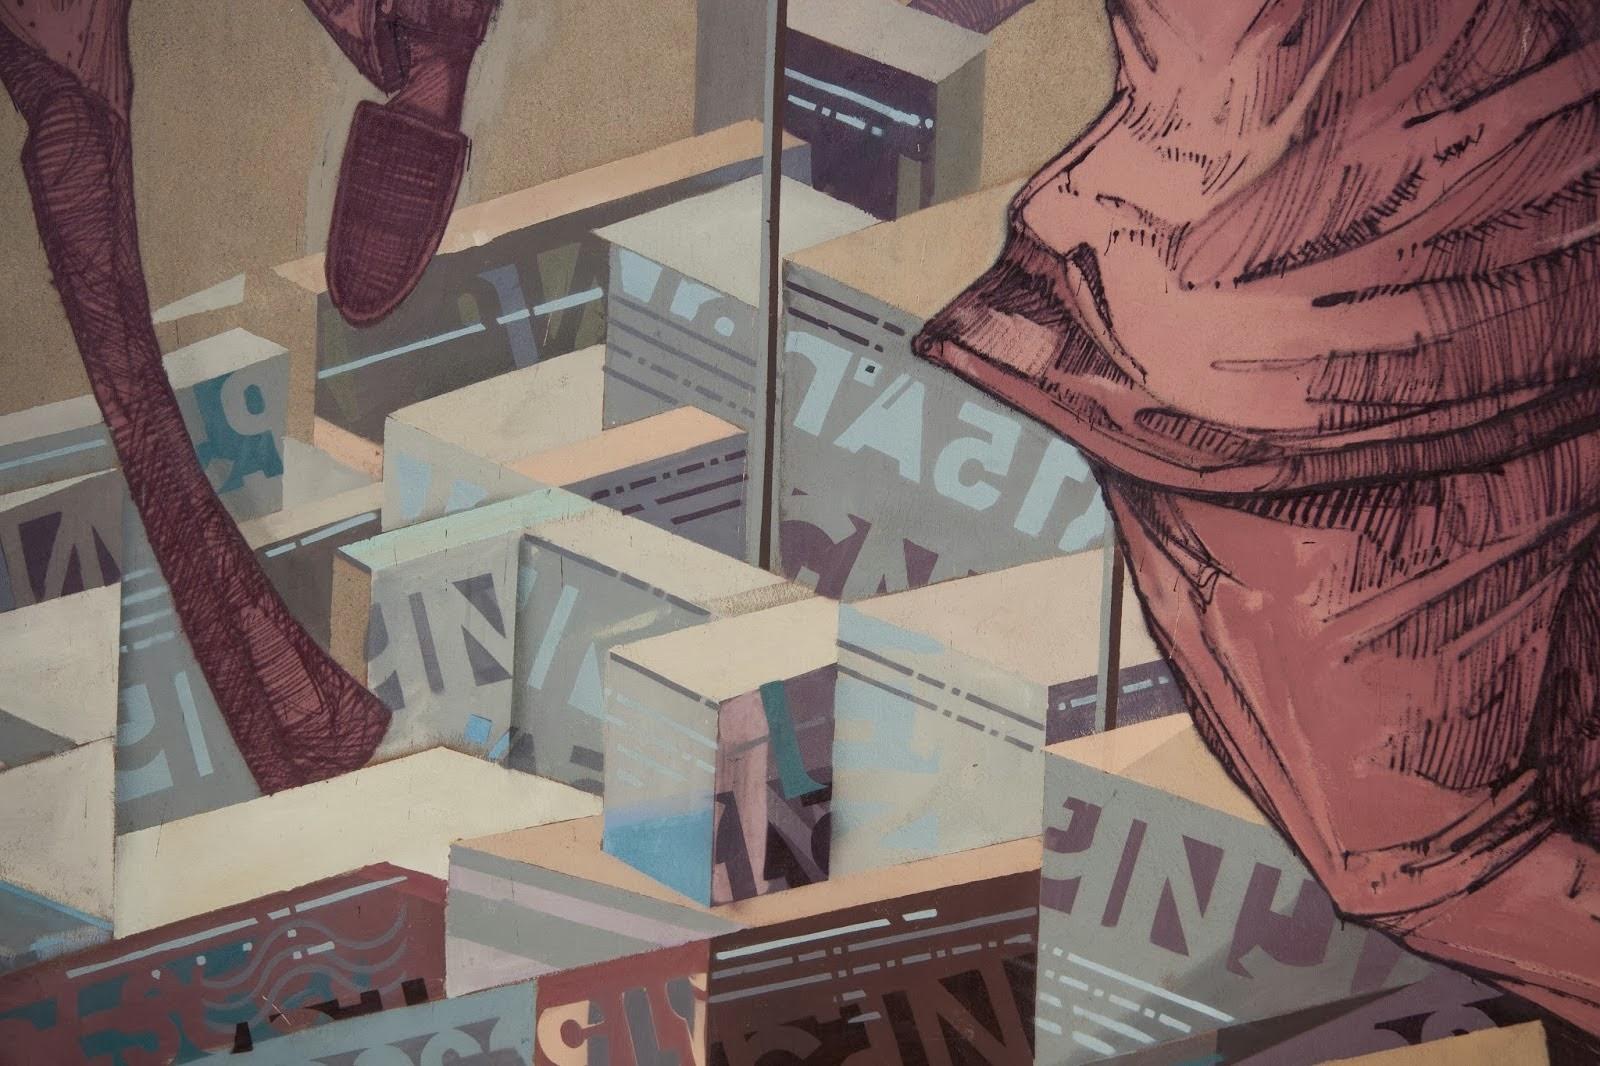 chazme-sepe-new-mural-for-cityleaks-festival-02